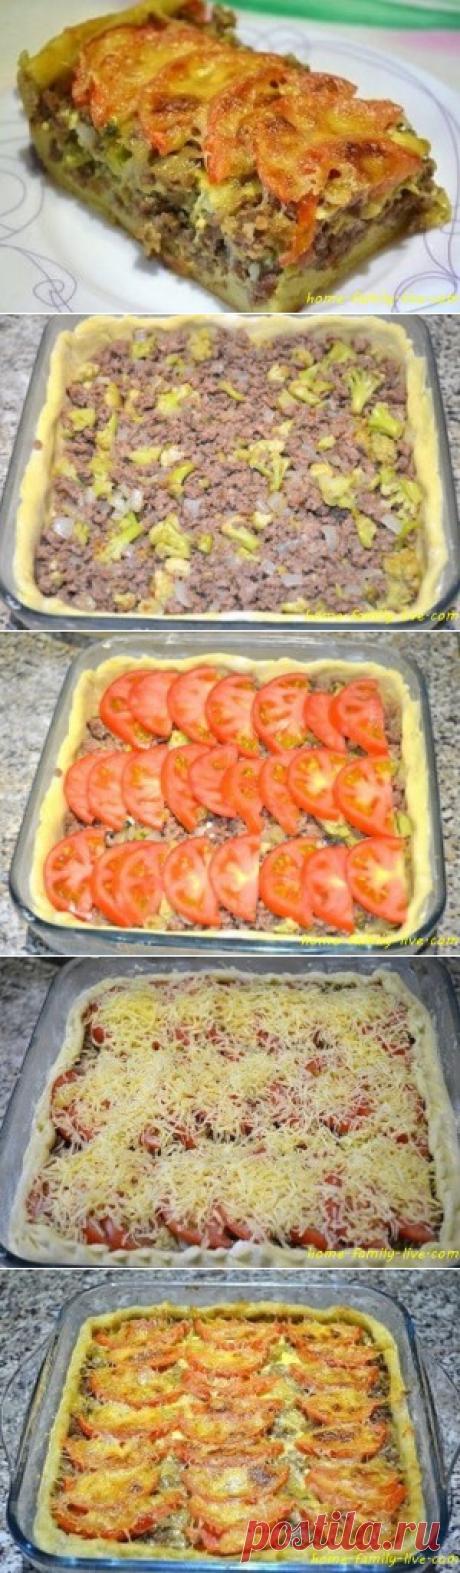 Мясной пирог из картофельного теста - Кулинарные рецептыКулинарные рецепты